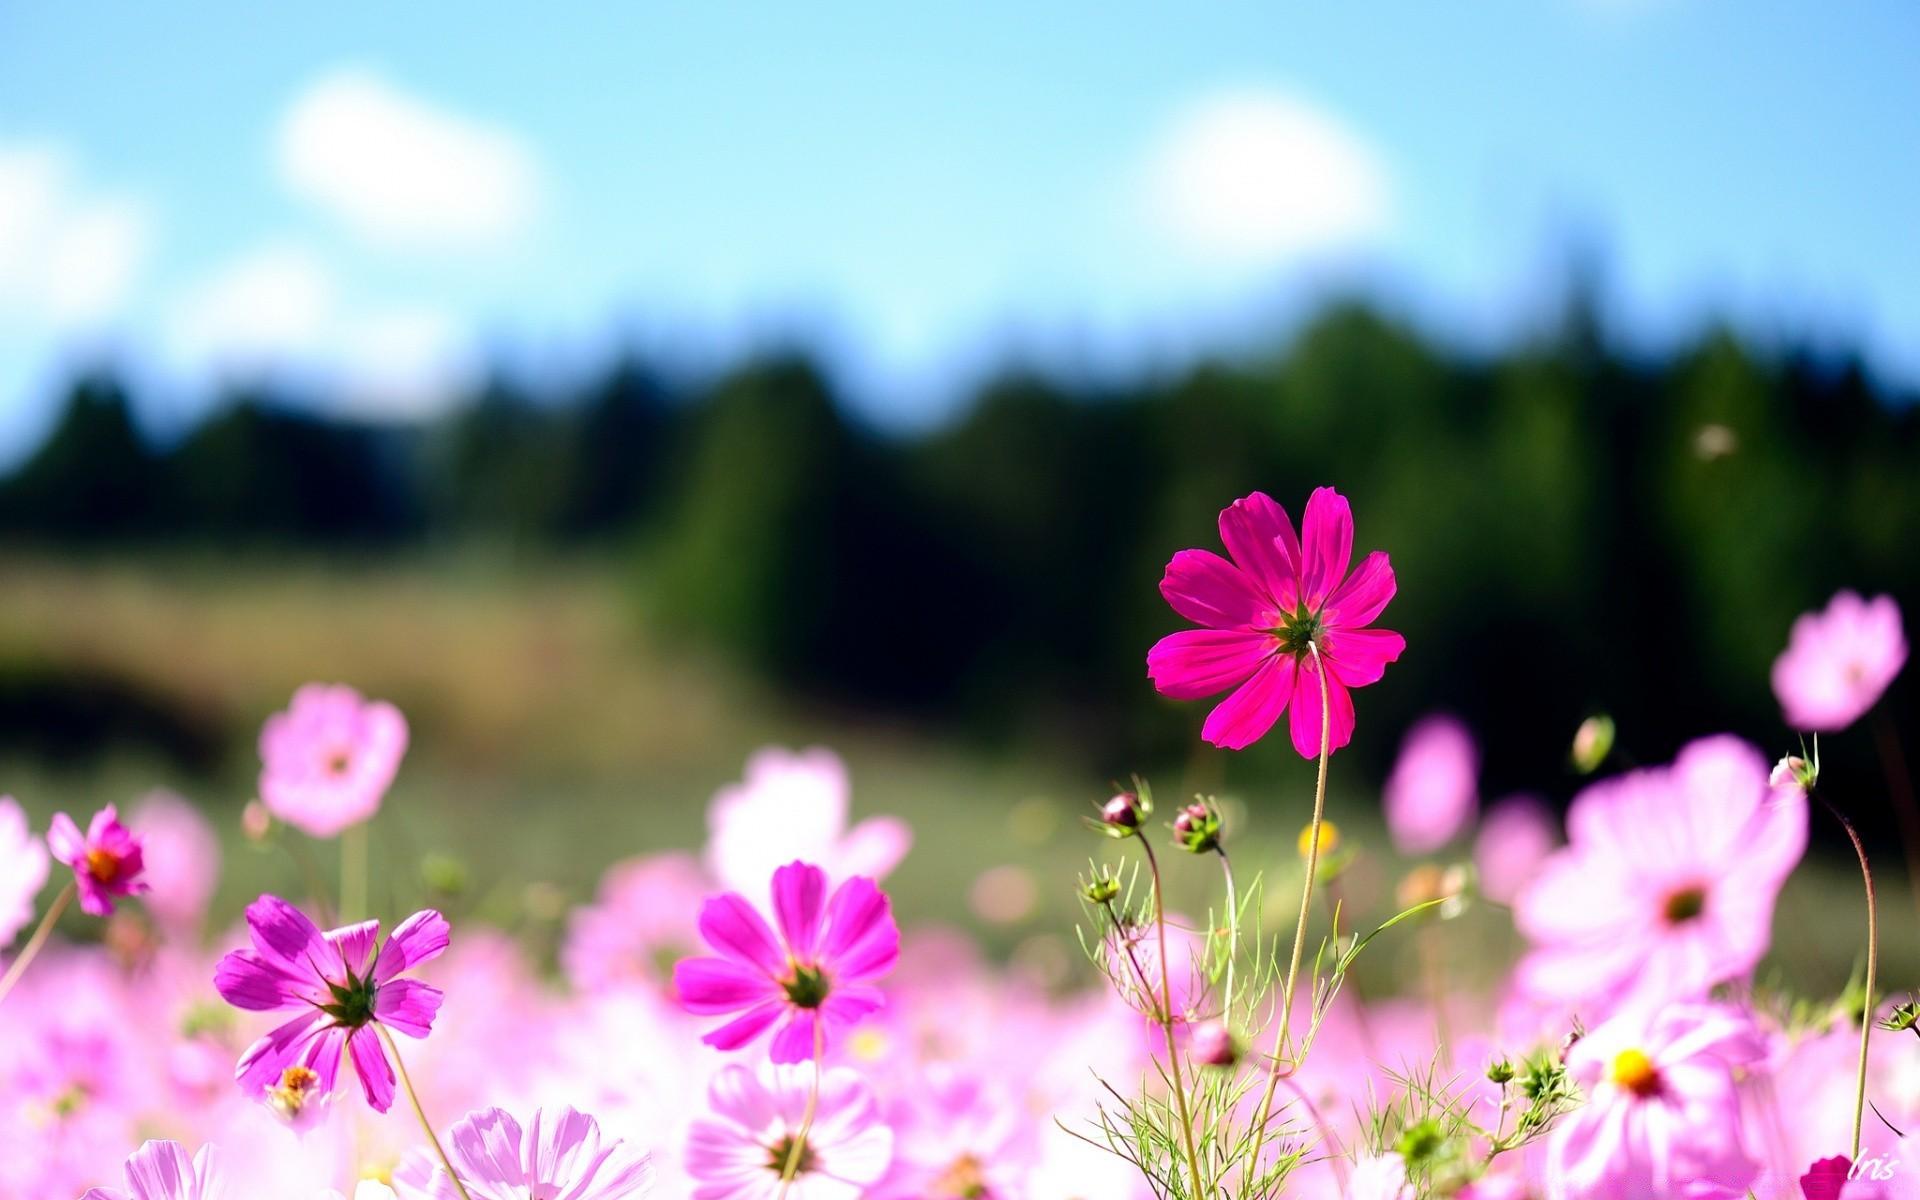 пробор, фоновые картинки цветы 1920х1080 шить